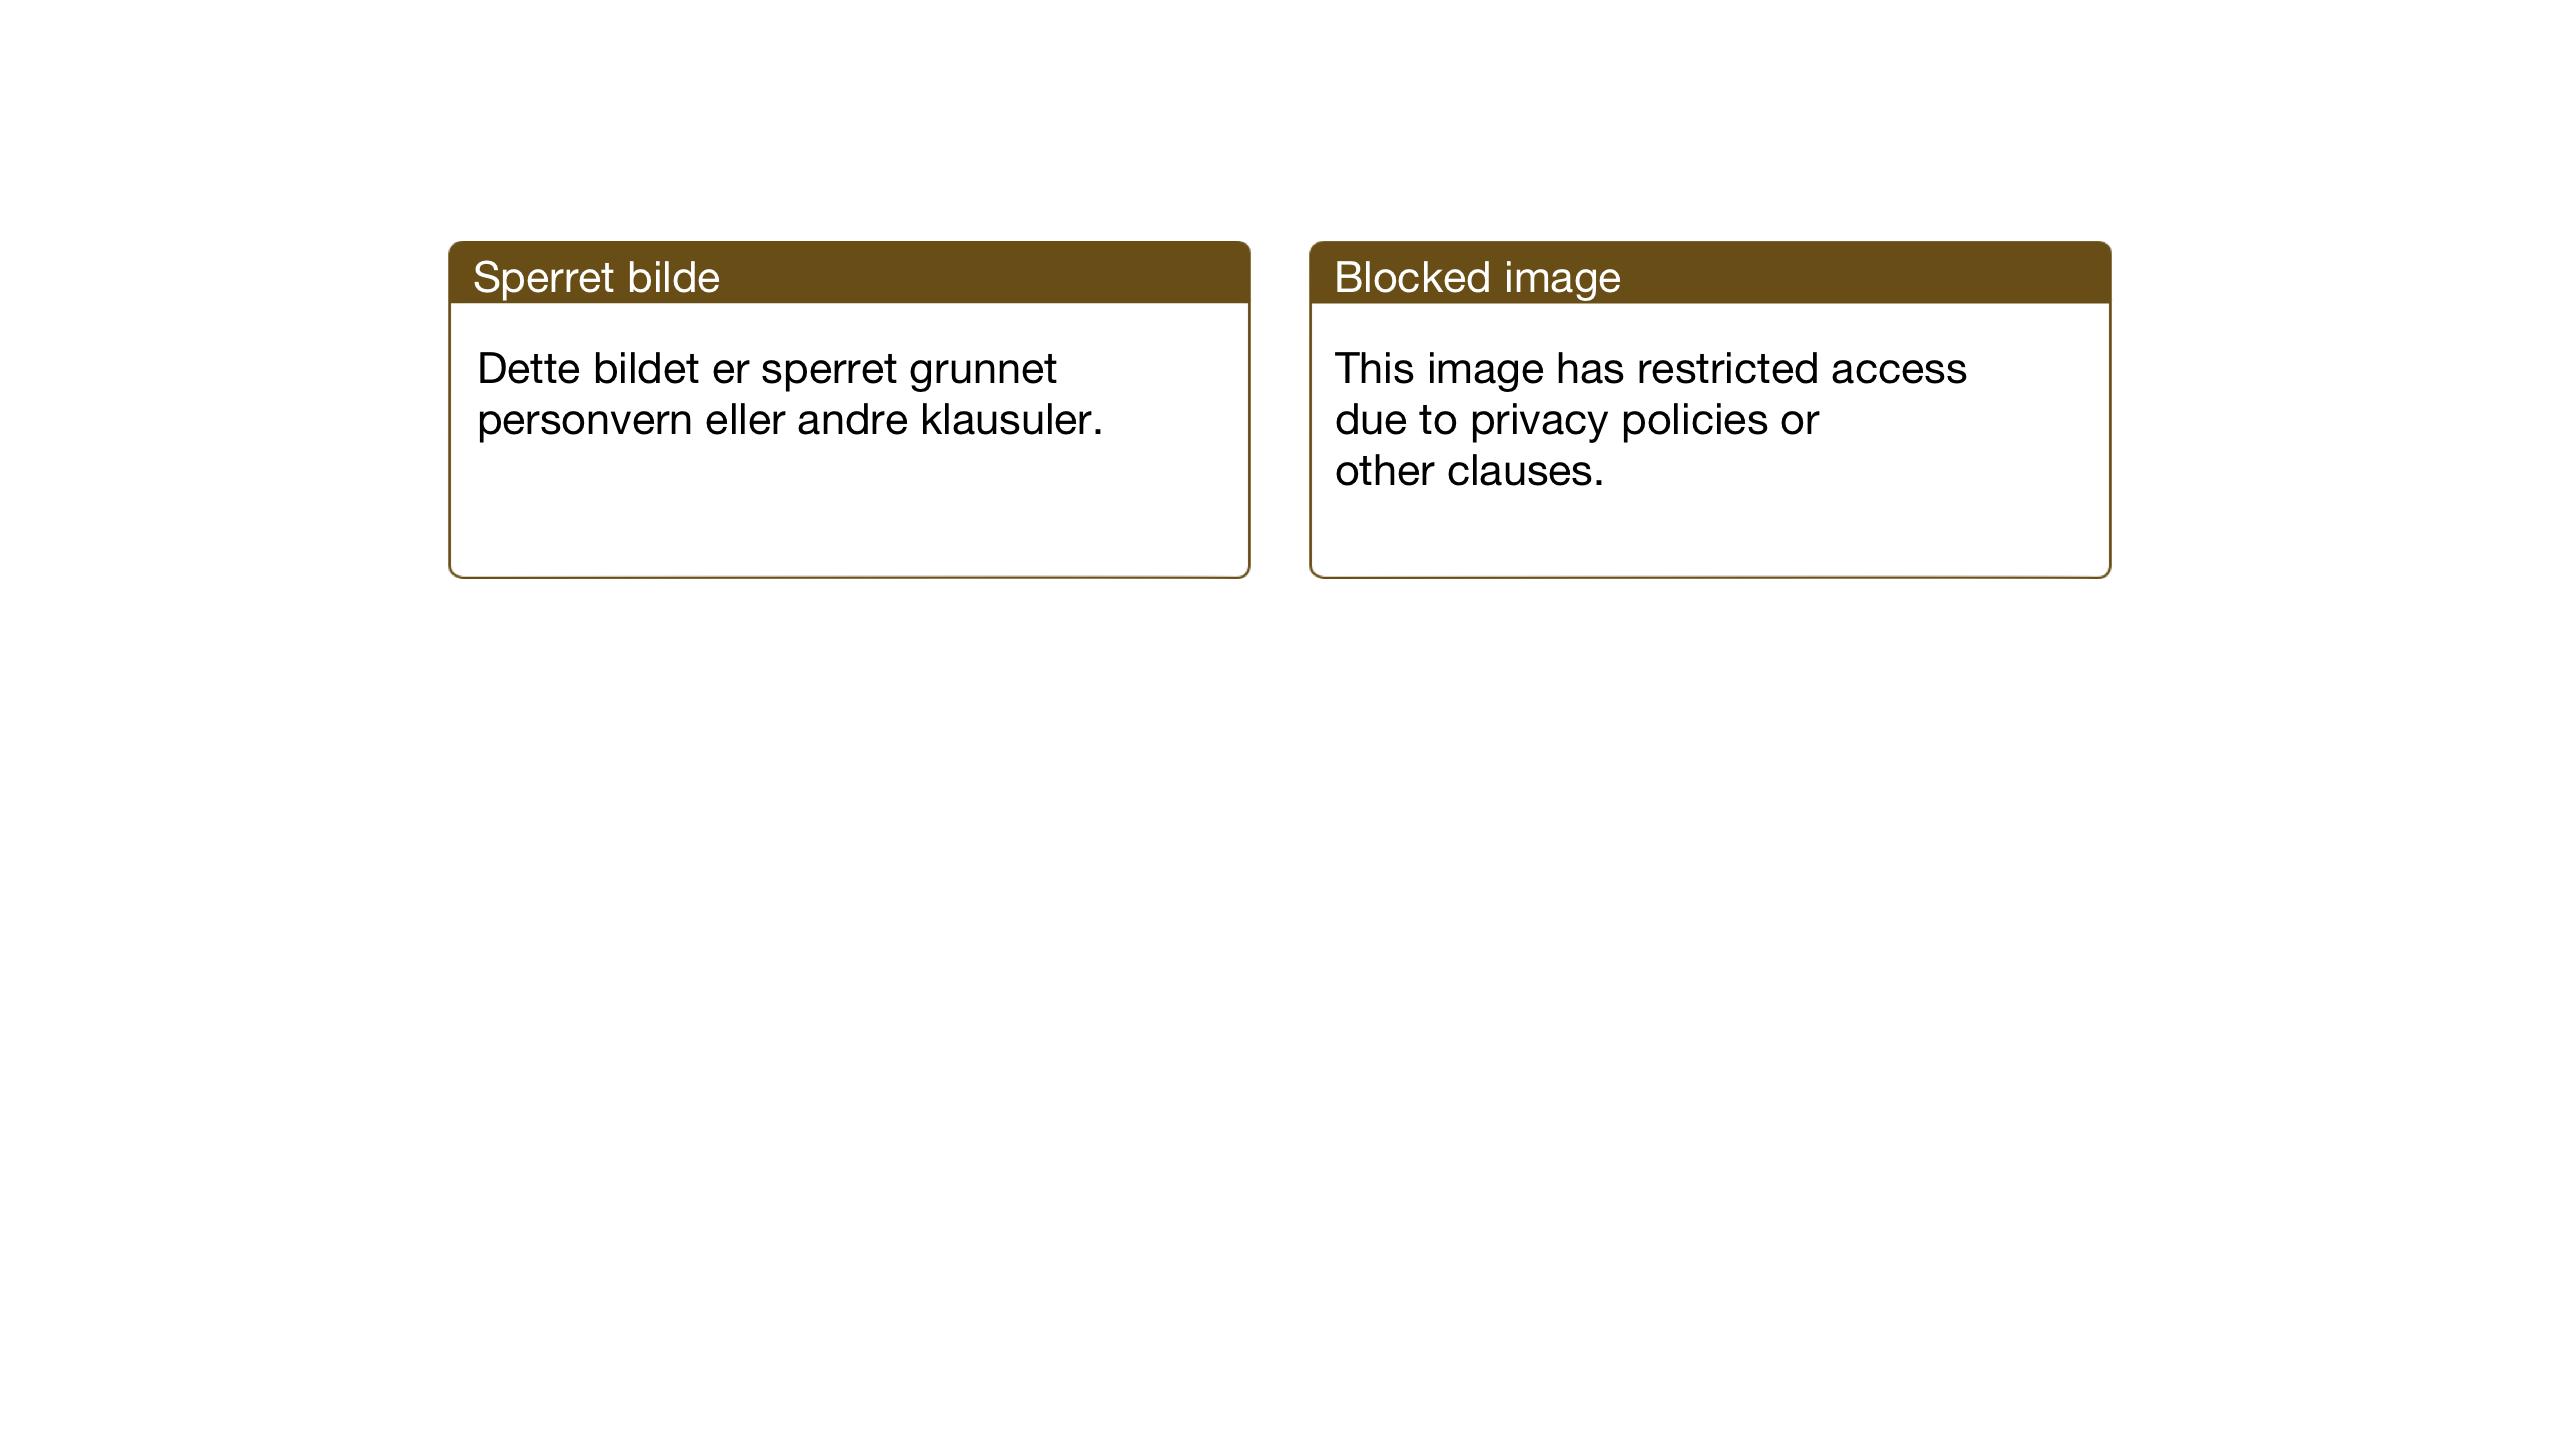 SAT, Ministerialprotokoller, klokkerbøker og fødselsregistre - Sør-Trøndelag, 637/L0564: Klokkerbok nr. 637C05, 1928-1968, s. 228